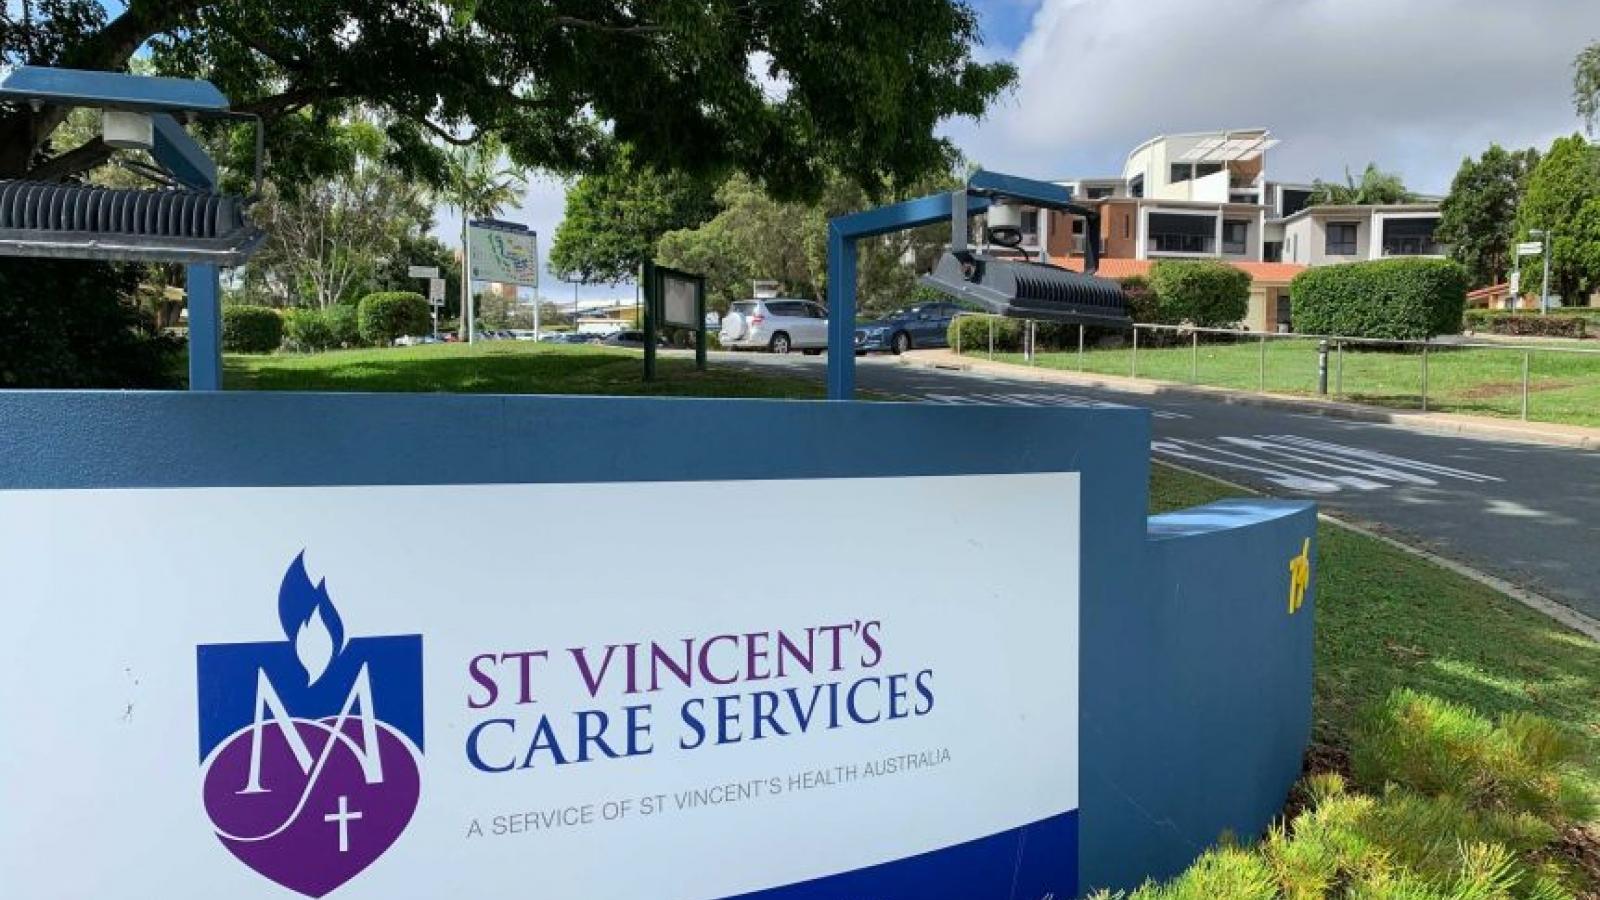 Tiêm vaccine Covid-19 quá liều, hai người Australia phải nhập viện